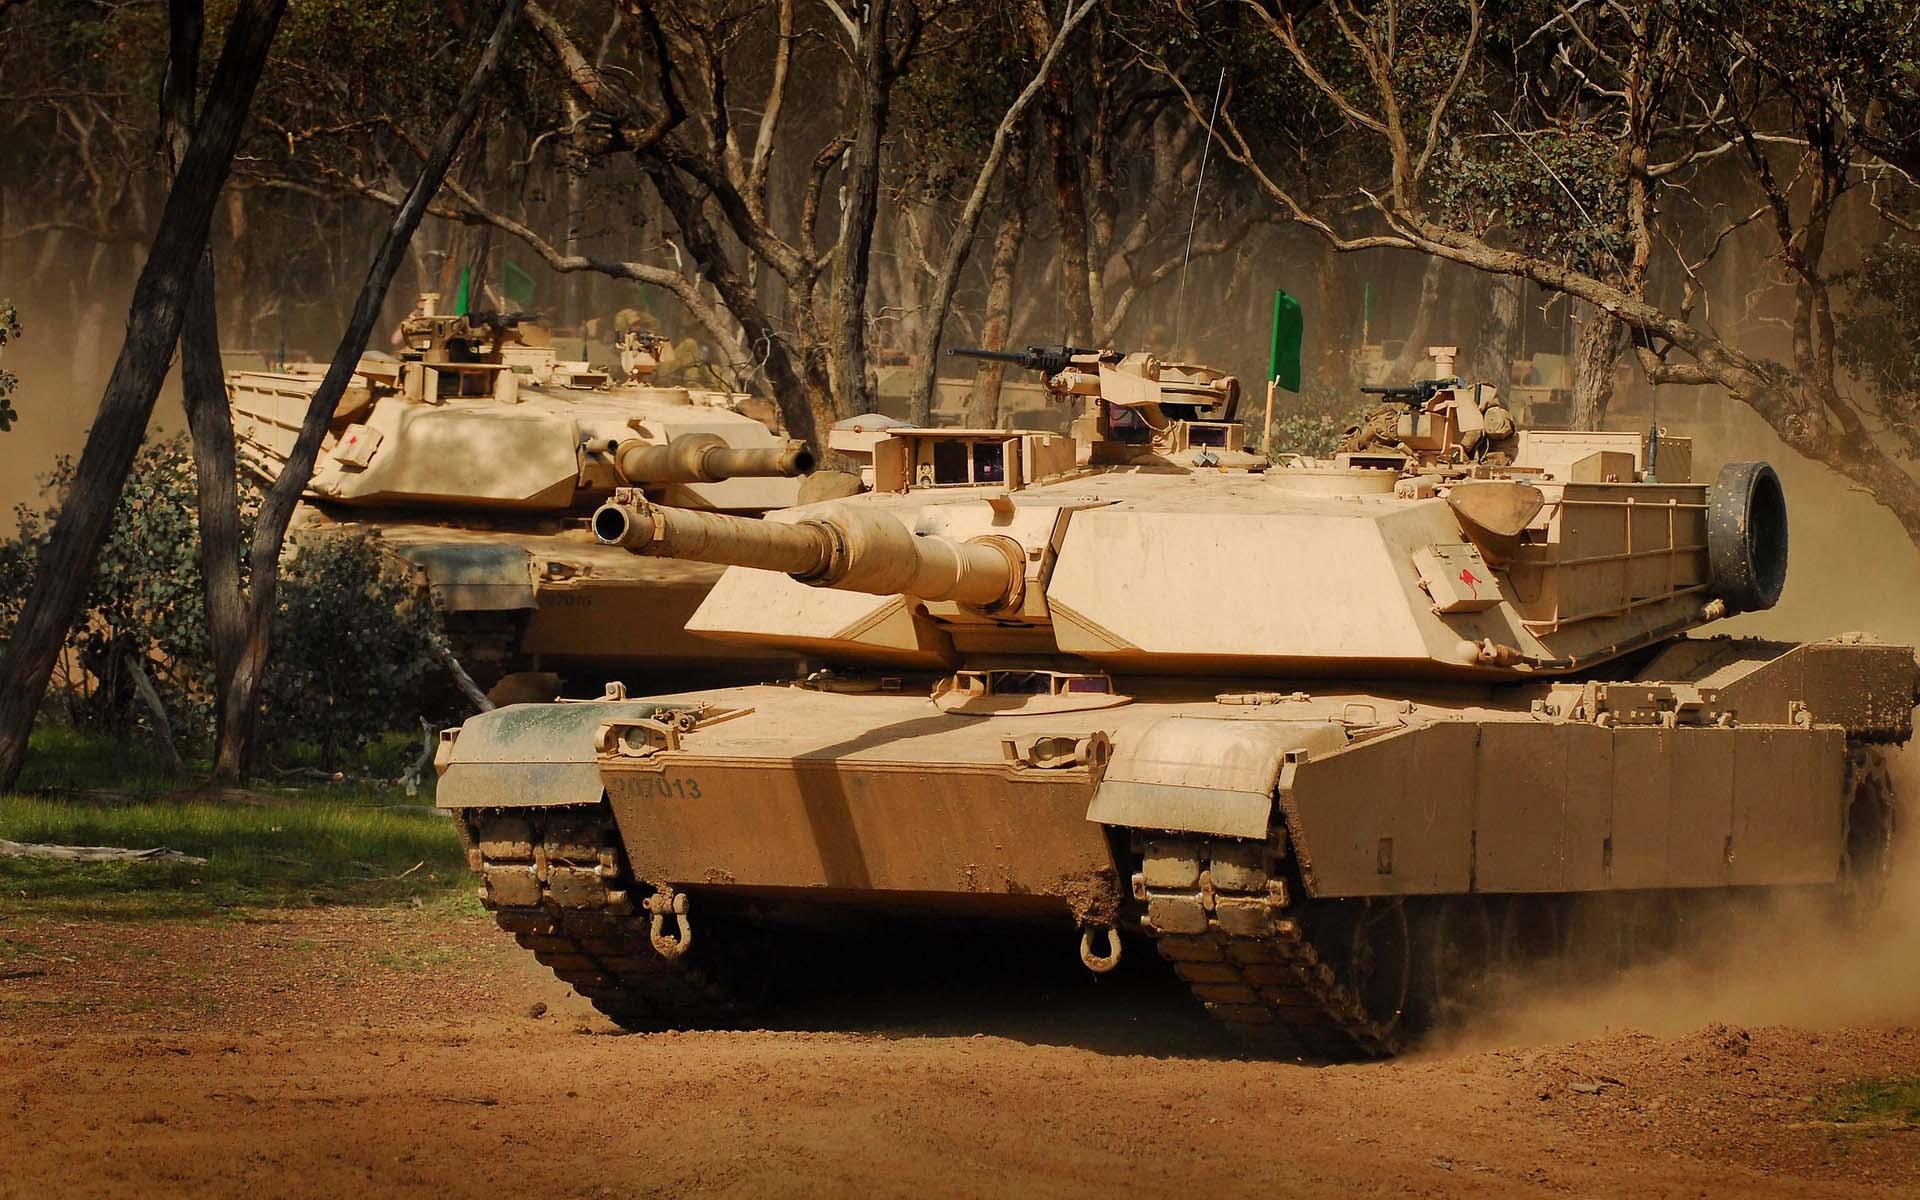 увидеть фото танка абрамс самых красивых